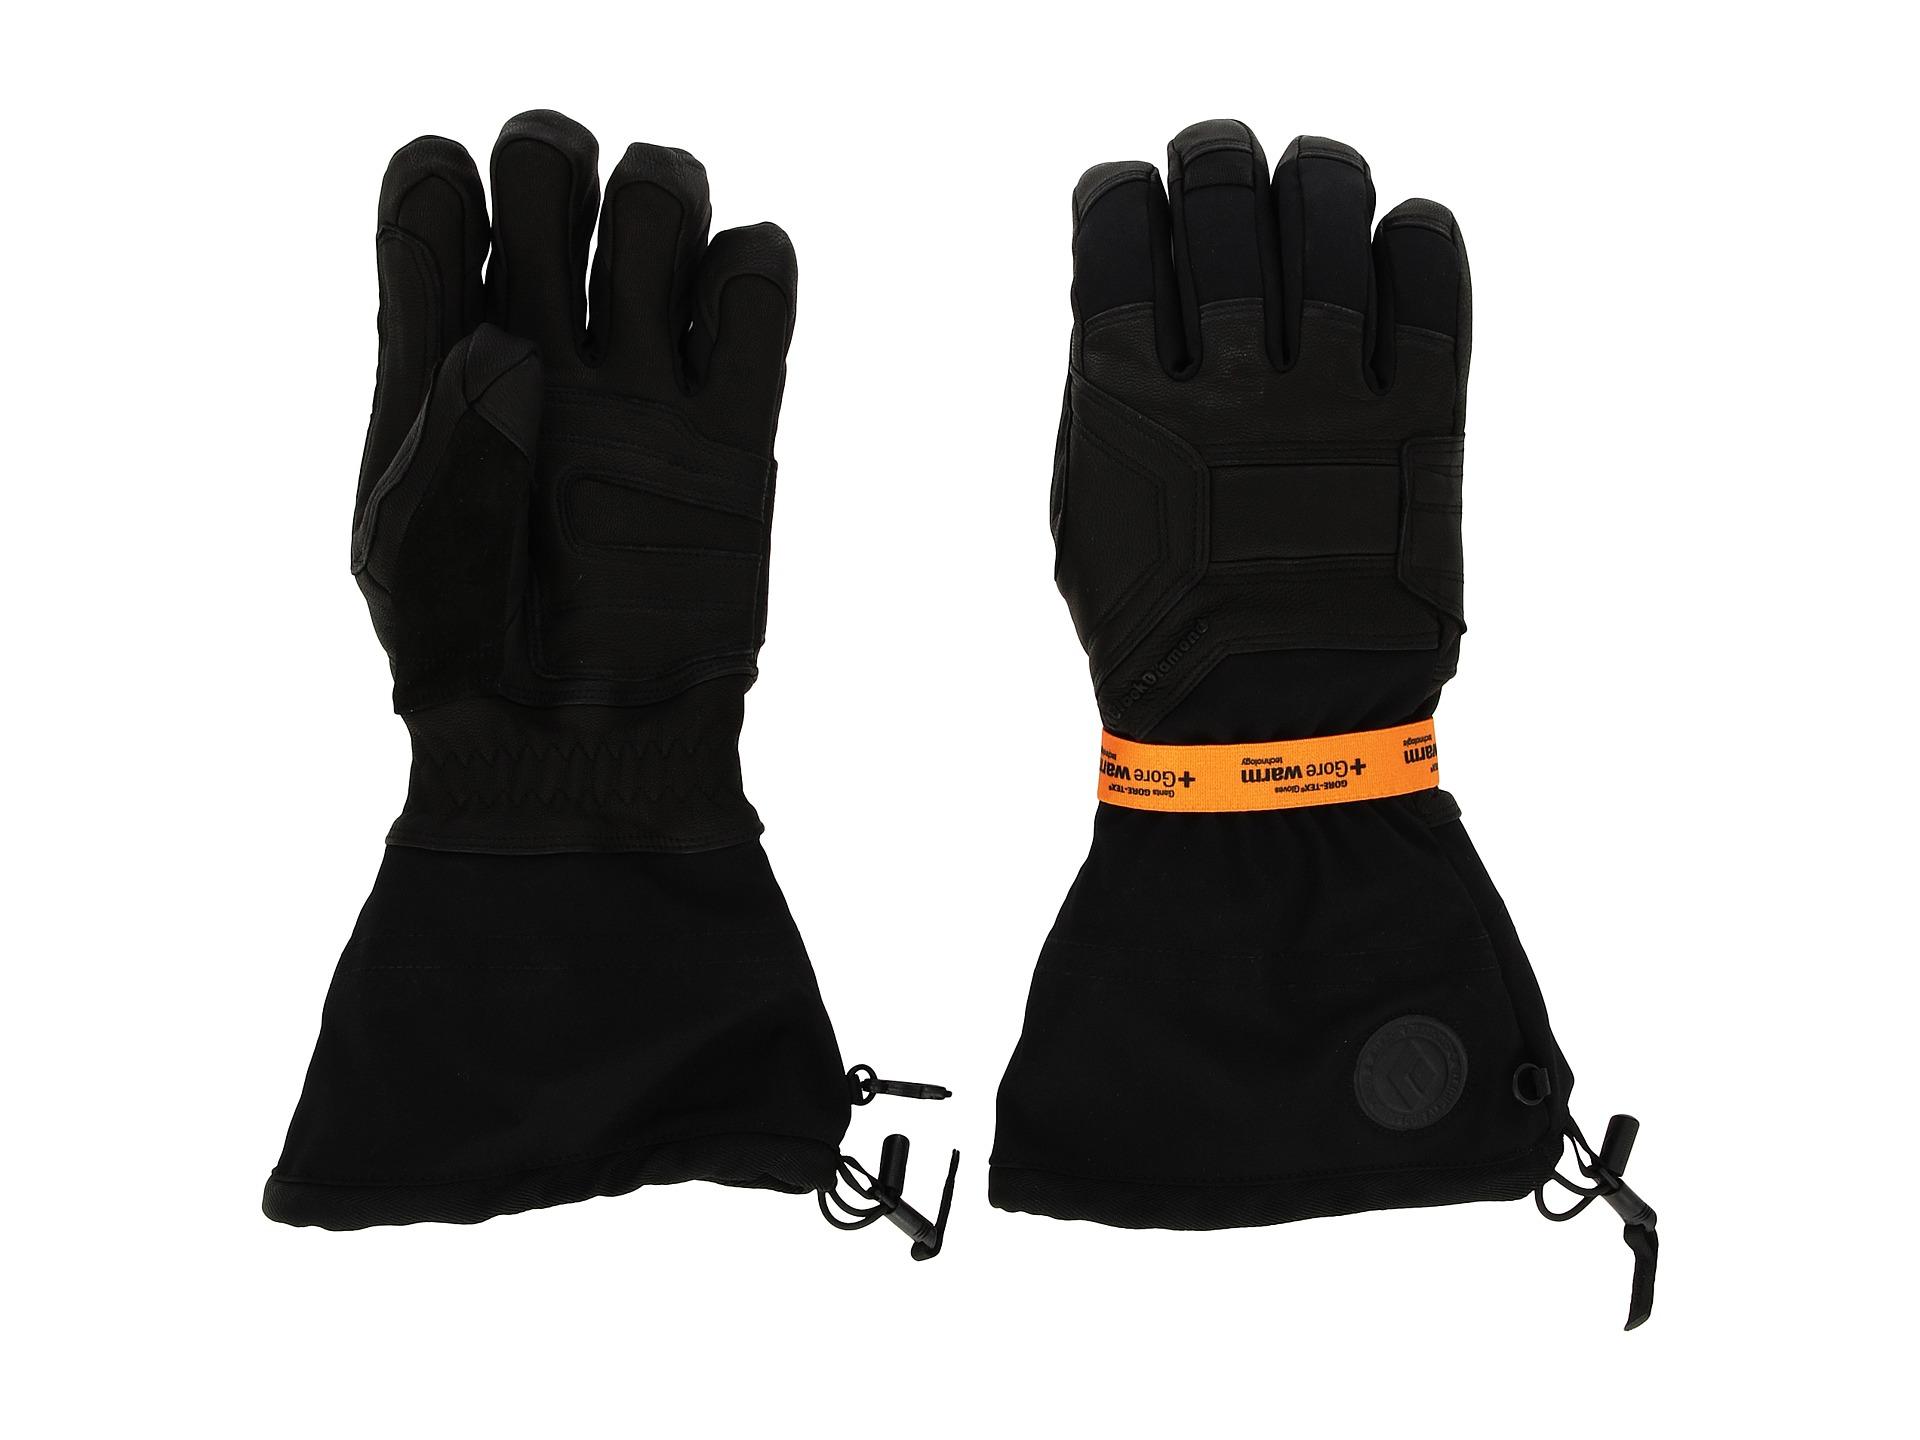 Black diamond gloves guide - Black Diamond Gloves Guide 21